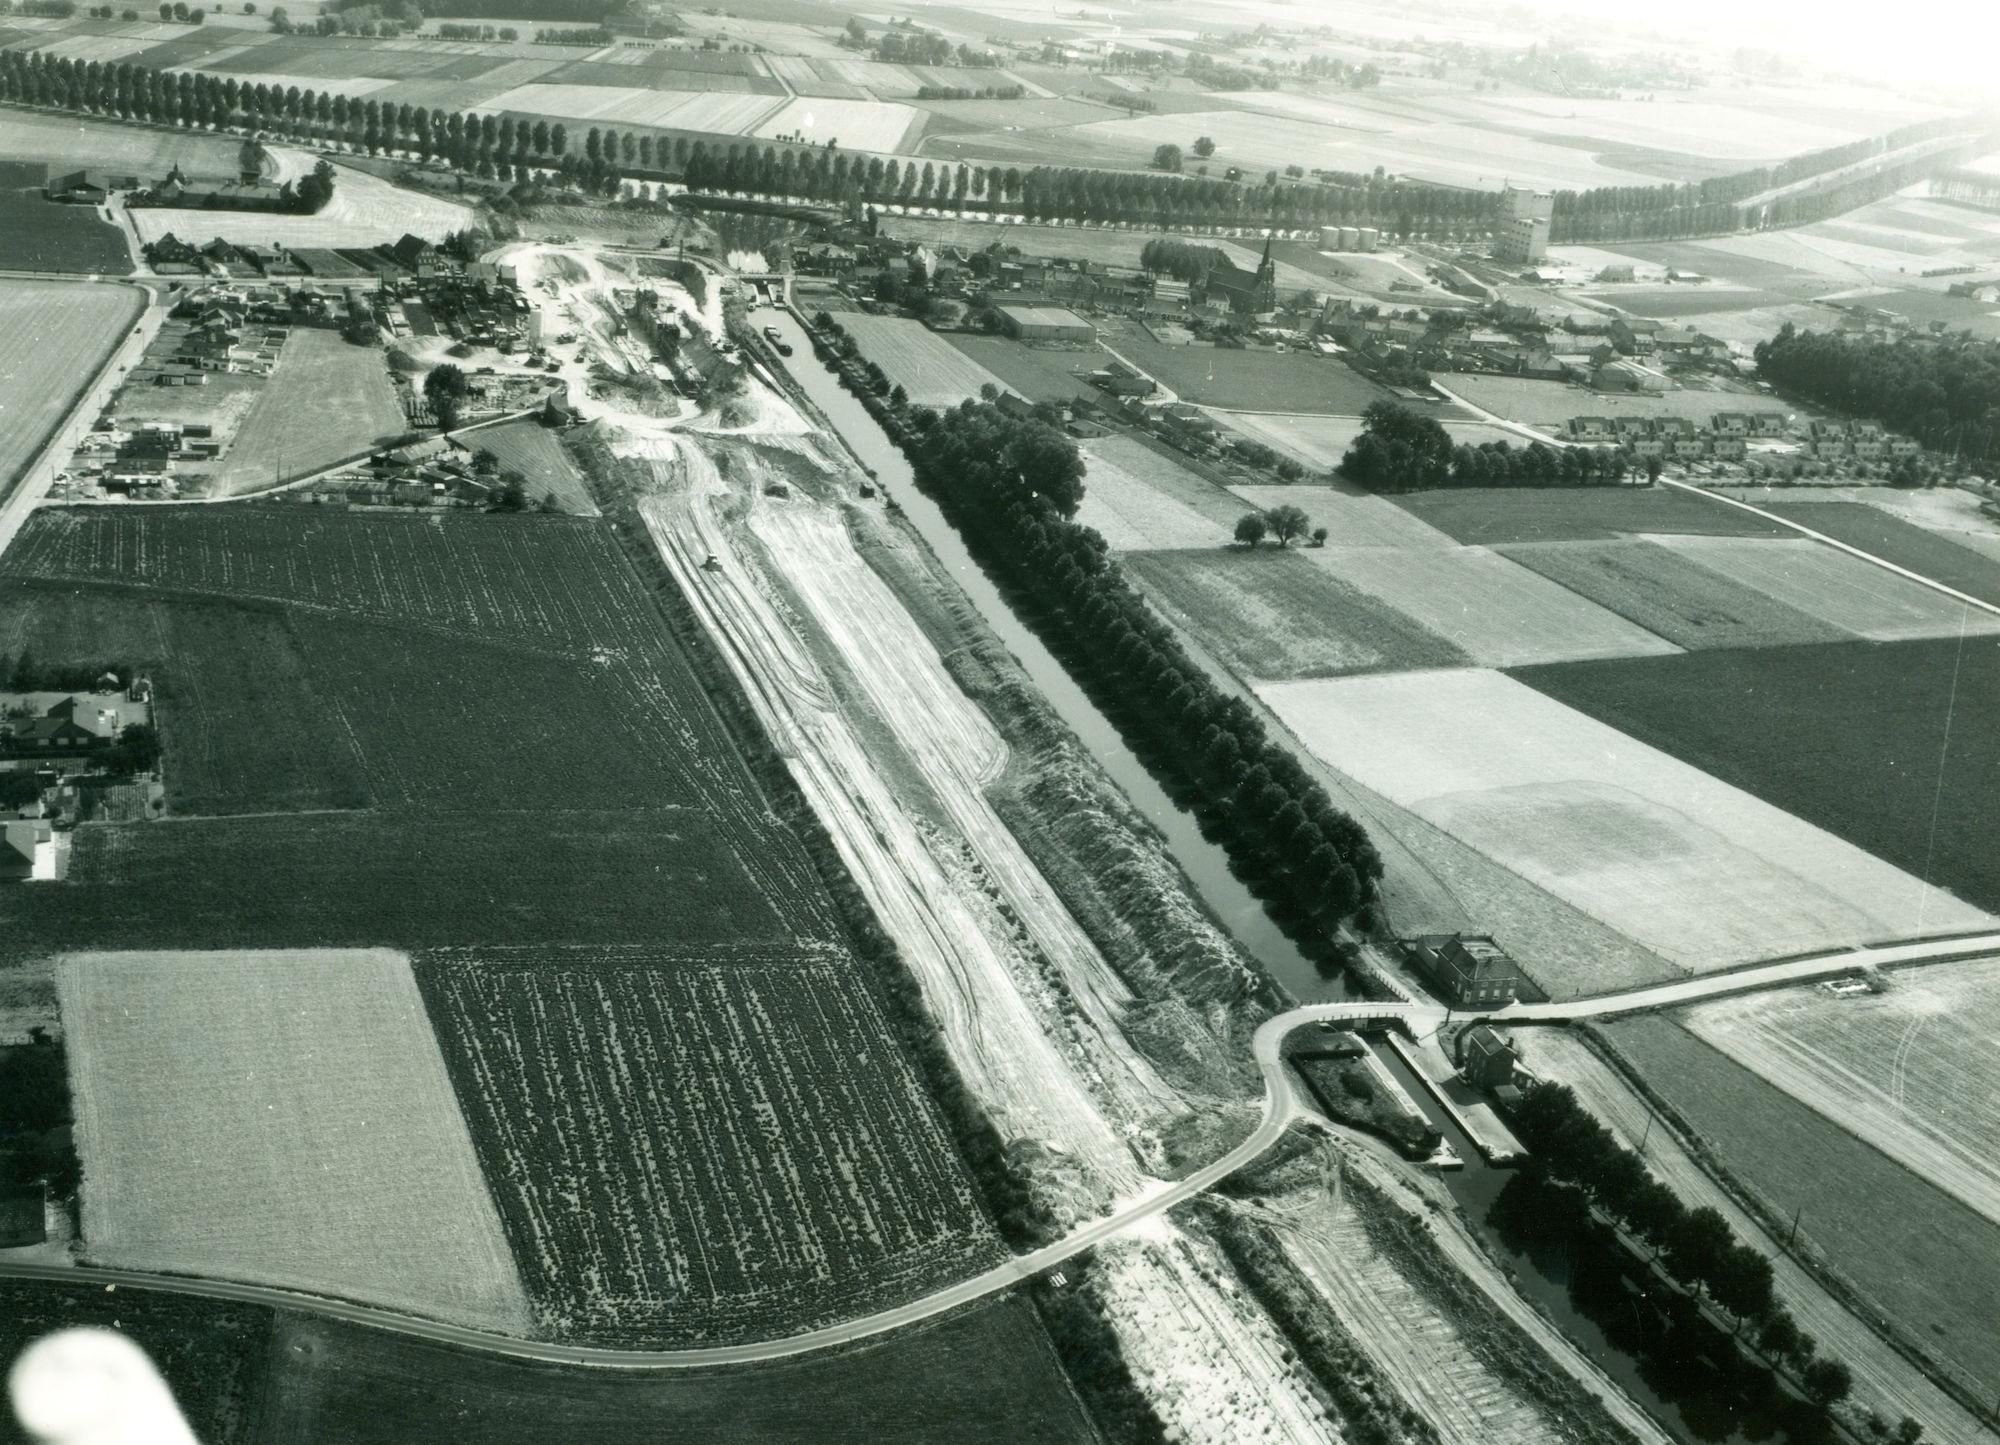 Graafwerken voorbij de nieuwe sluis op het kanaal Bossuit-Kortrijk in Bossuit 1976